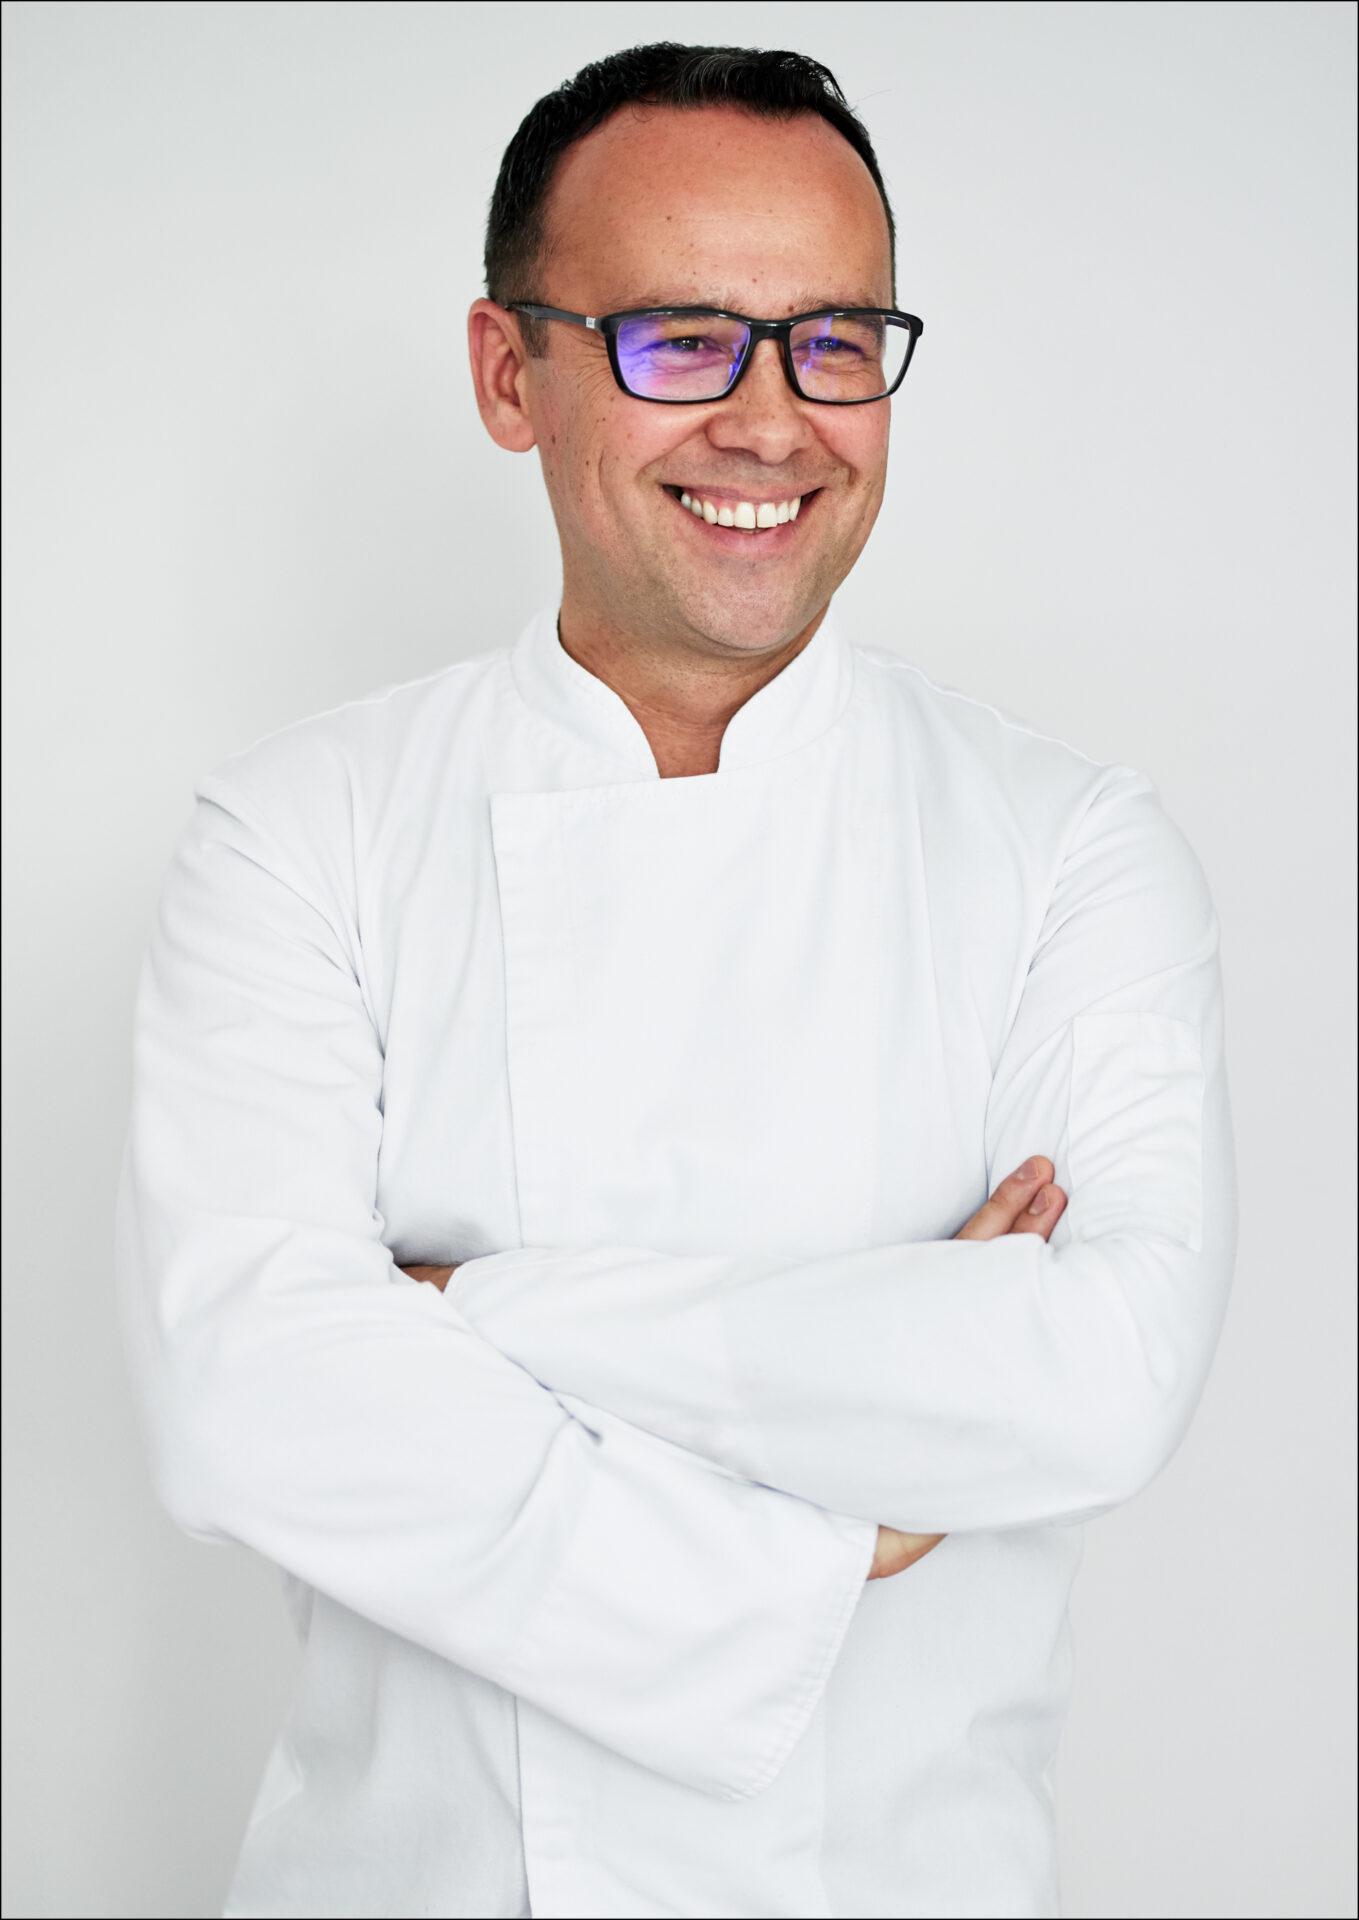 Jakub Steuermark